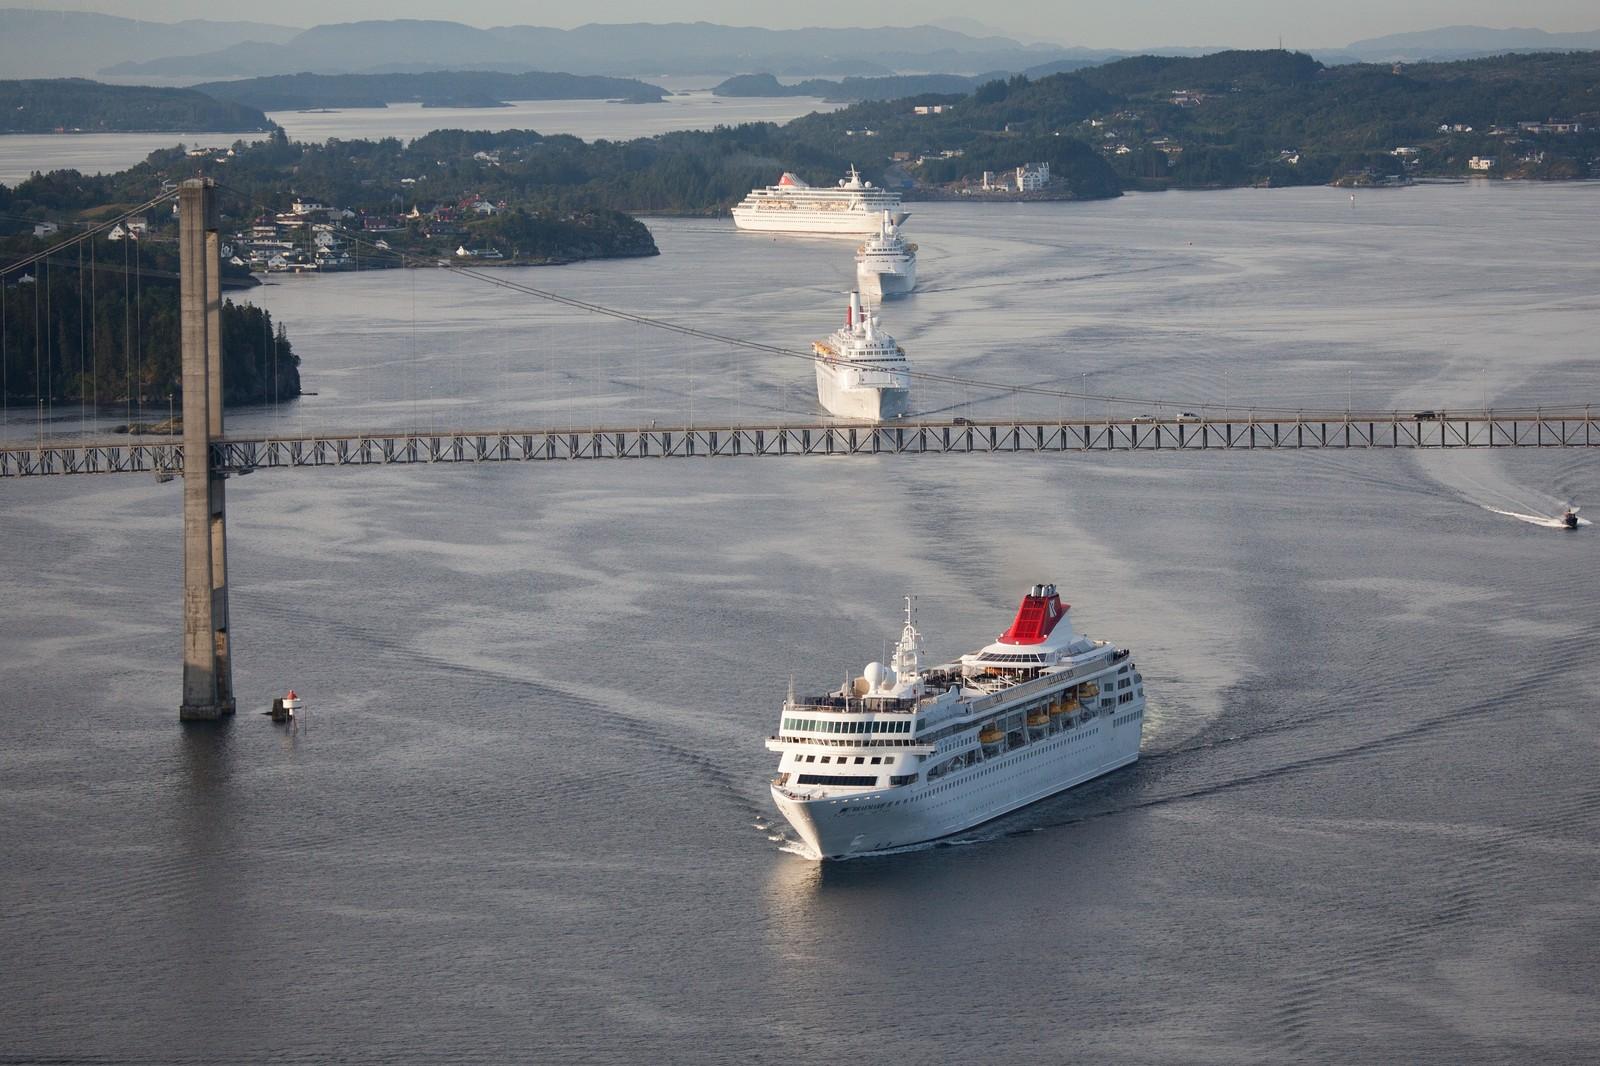 SEILER INN TIL BERGEN: Her er Fred. Olsen-rederiets egne bilder av skipene tatt fra helikopter under ankomsten i morges. Det er utvilsomt et vakkert syn.